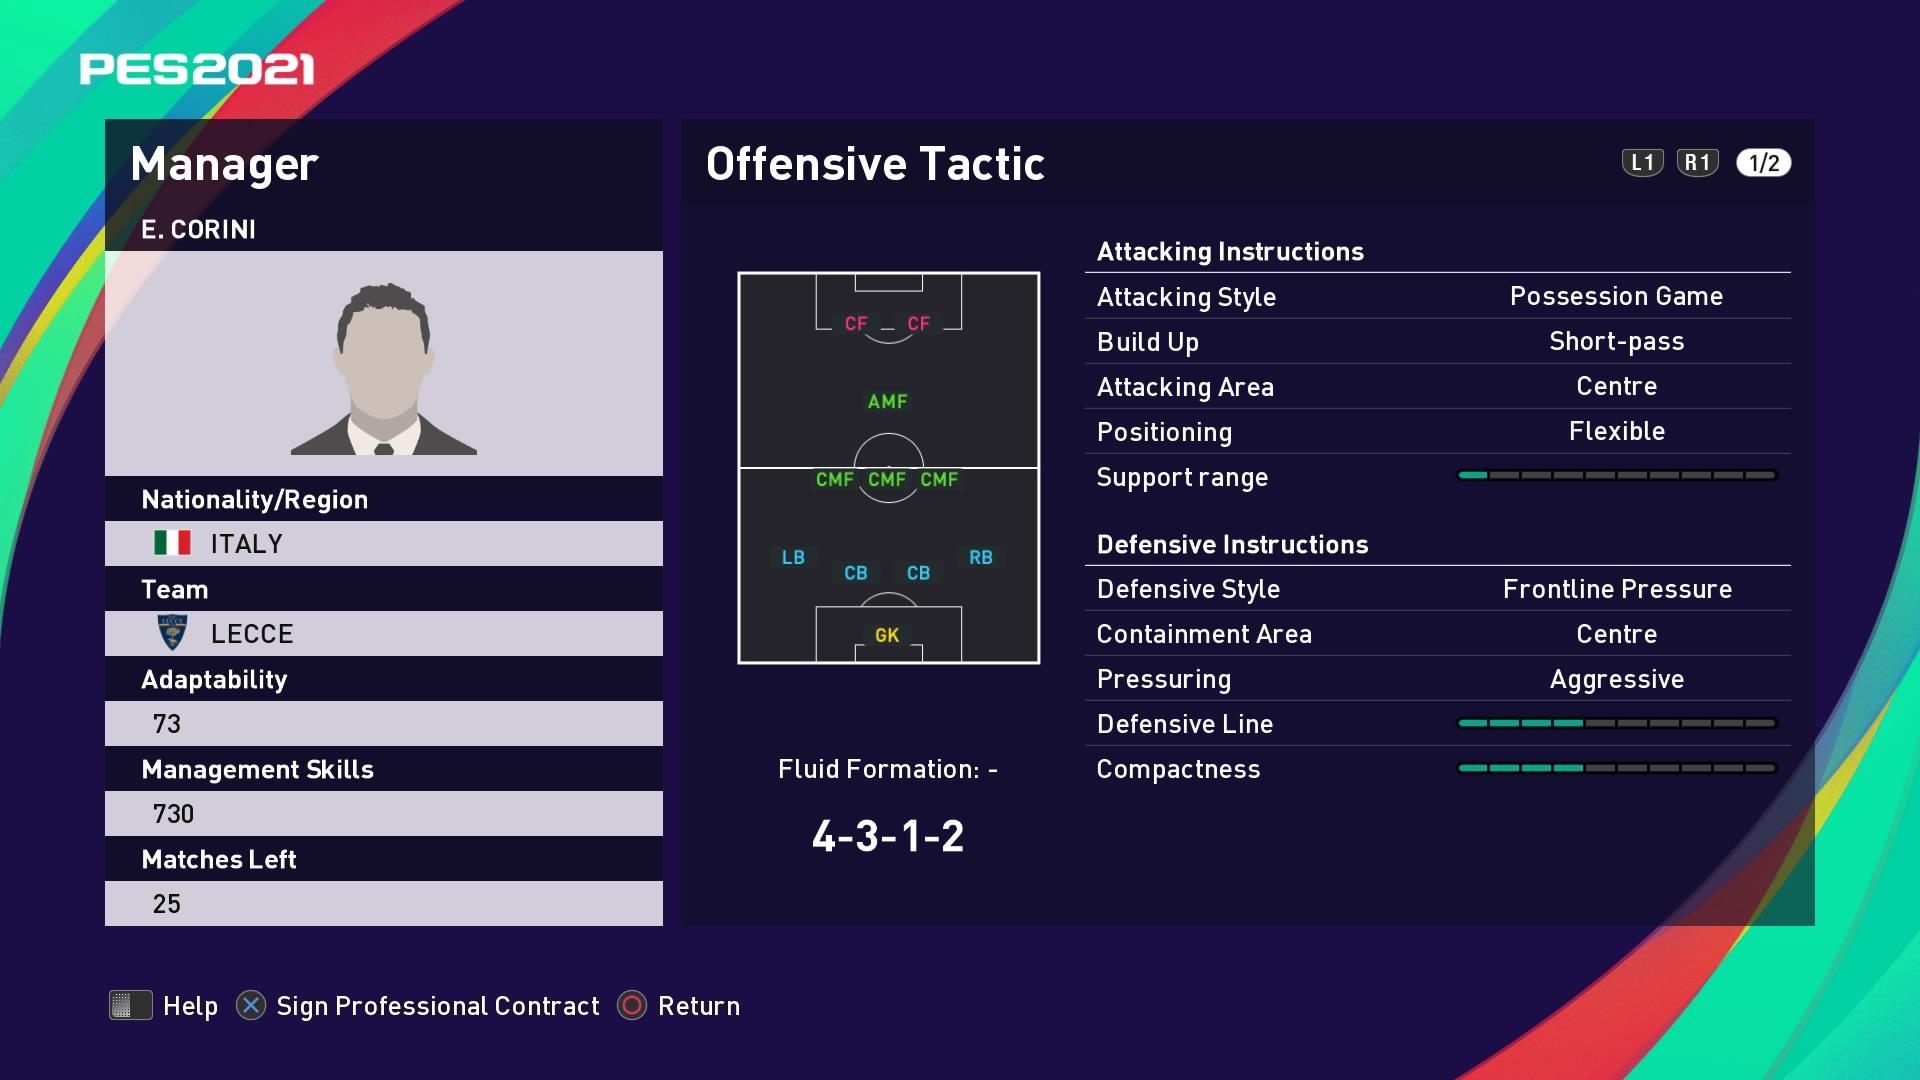 E. Corini (Eugenio Corini) Offensive Tactic in PES 2021 myClub